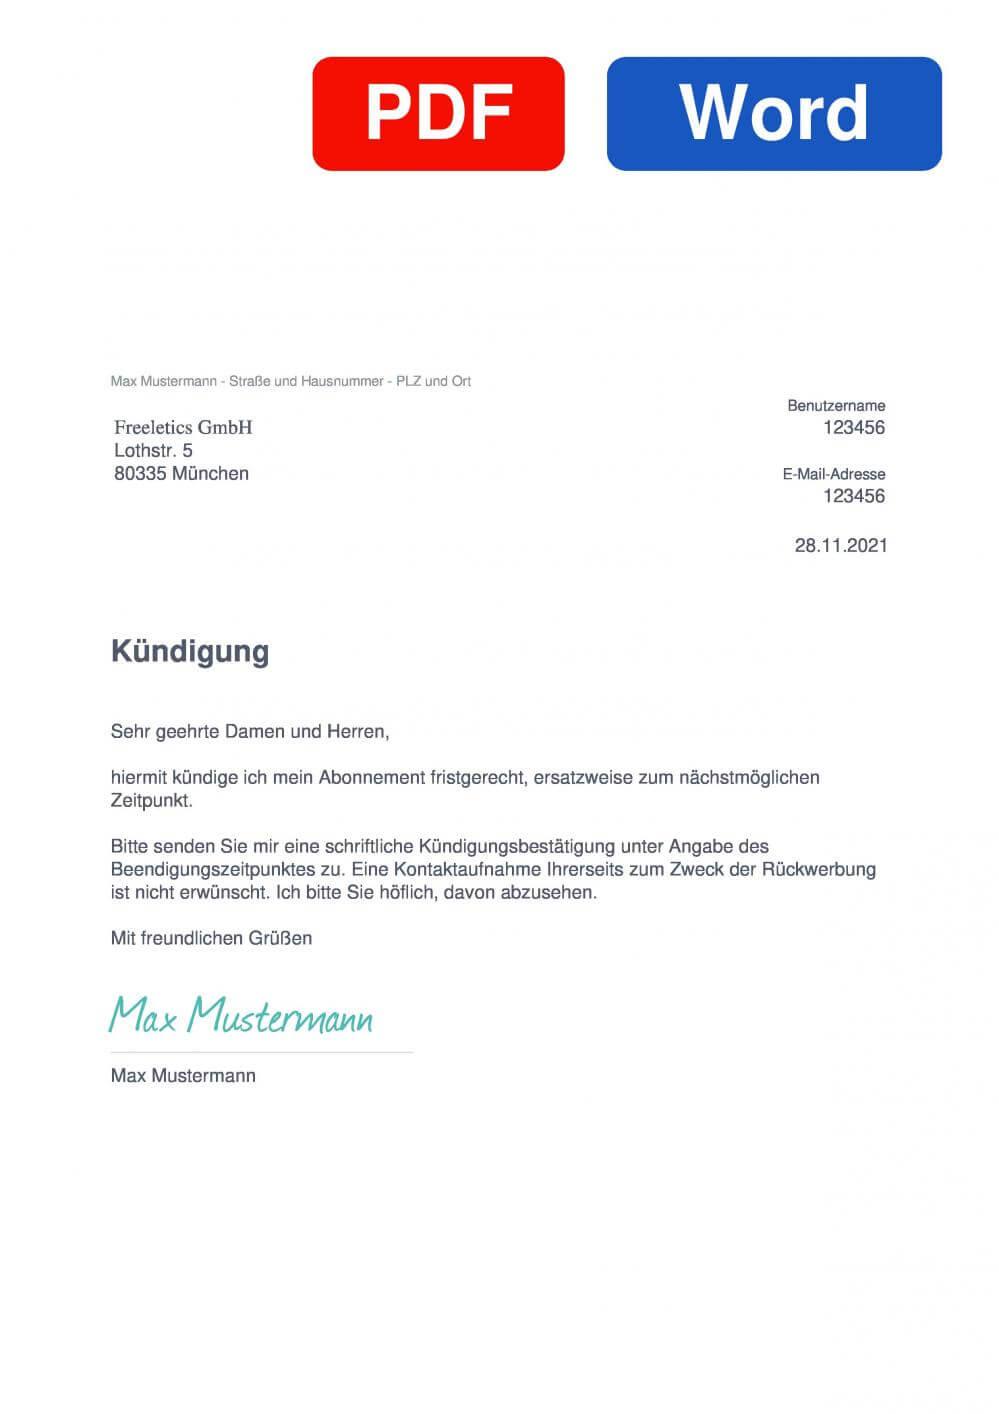 FREELETICS Muster Vorlage für Kündigungsschreiben